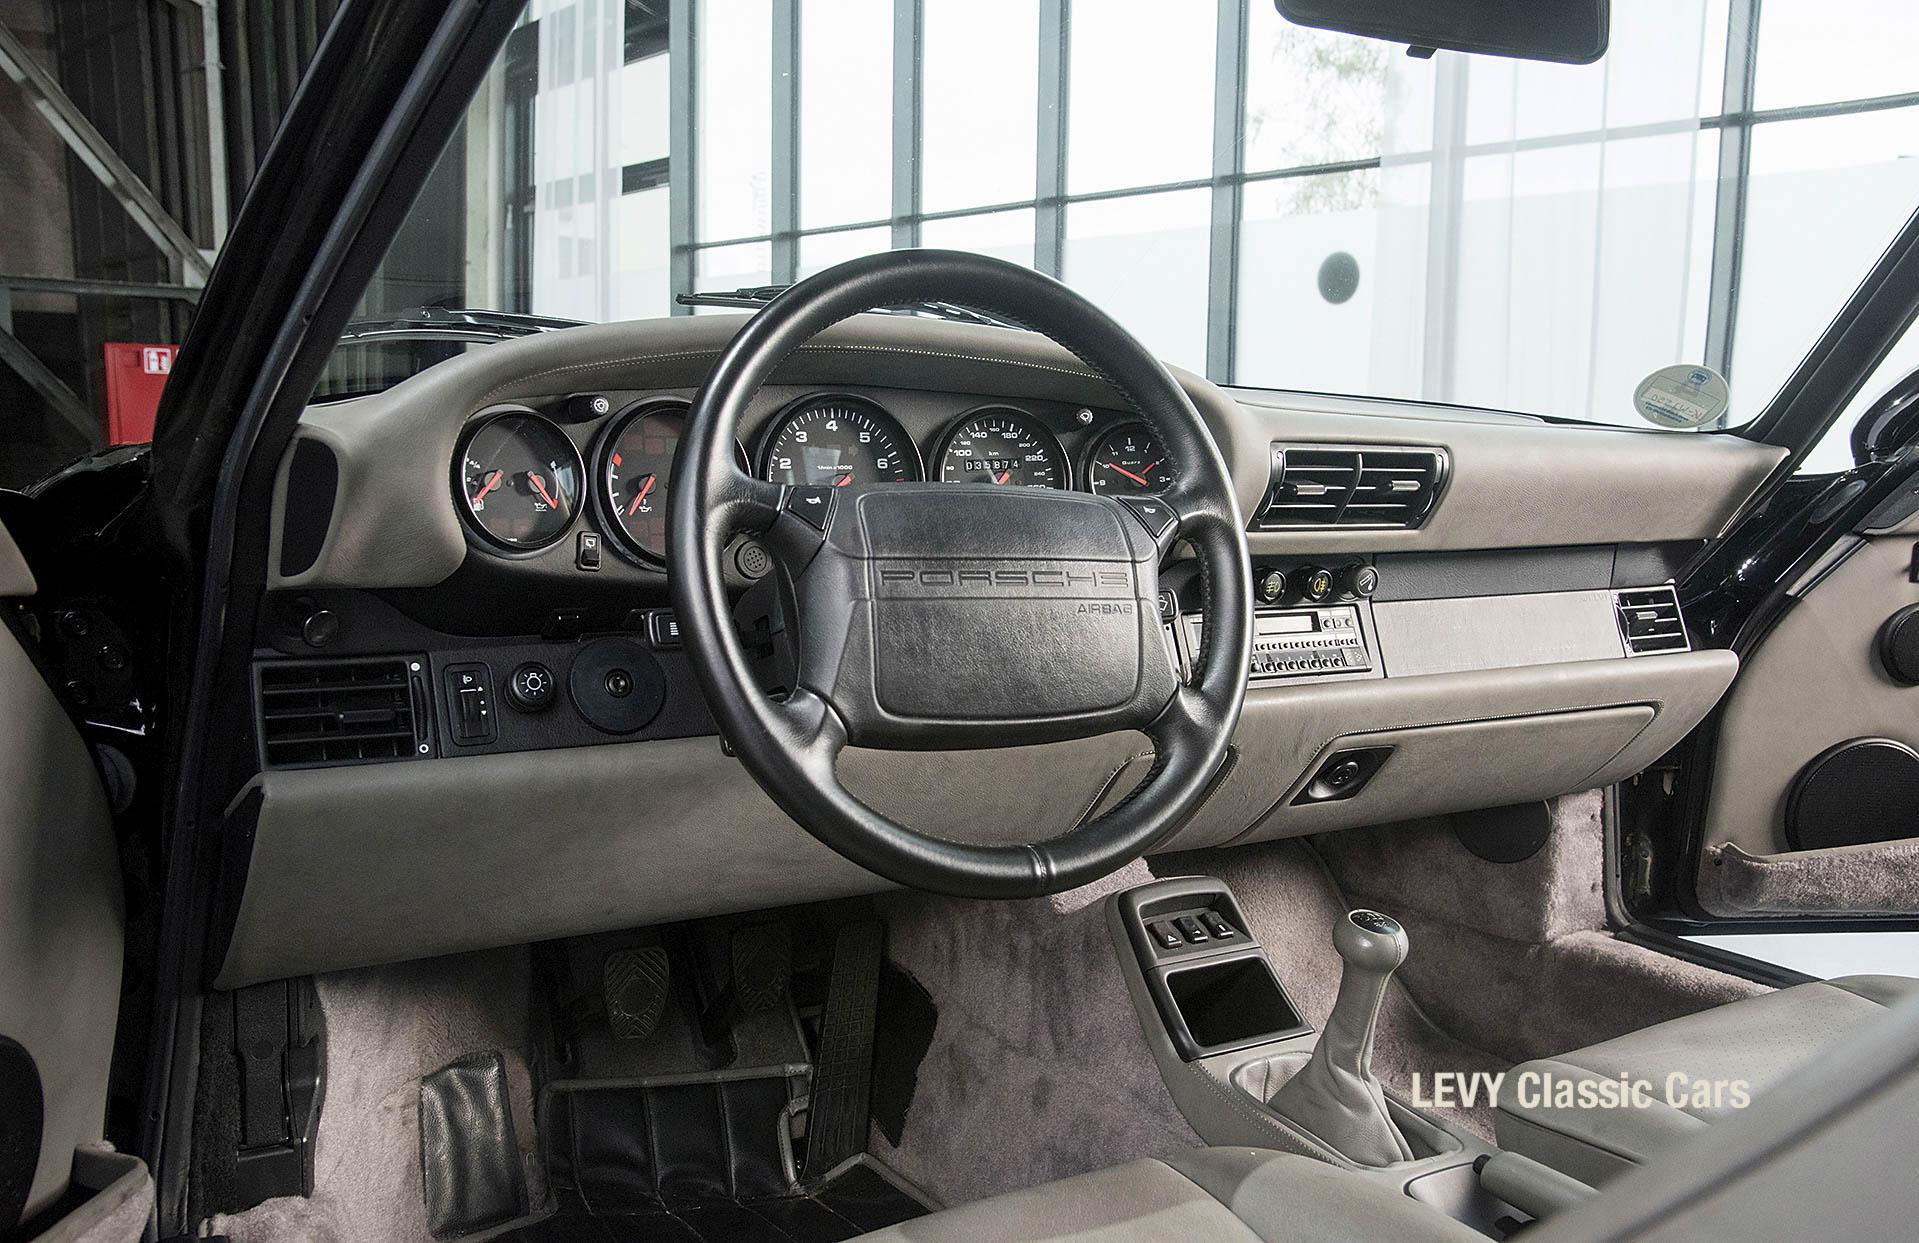 Porsche Turbo 72200 schwarz 12